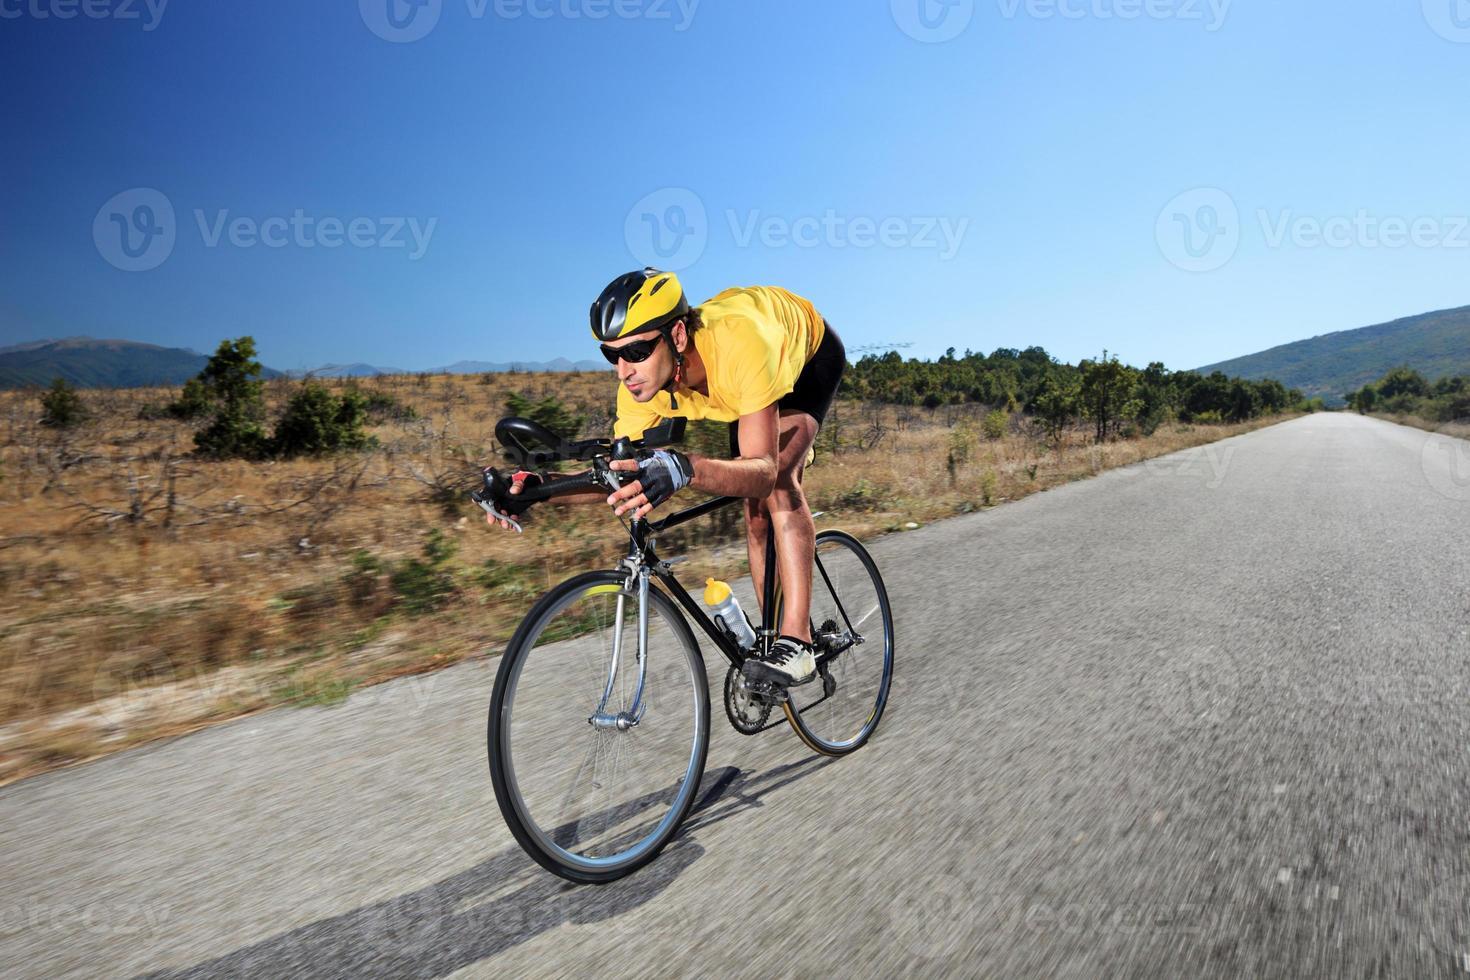 jovem ciclista andando de bicicleta em uma estrada aberta foto